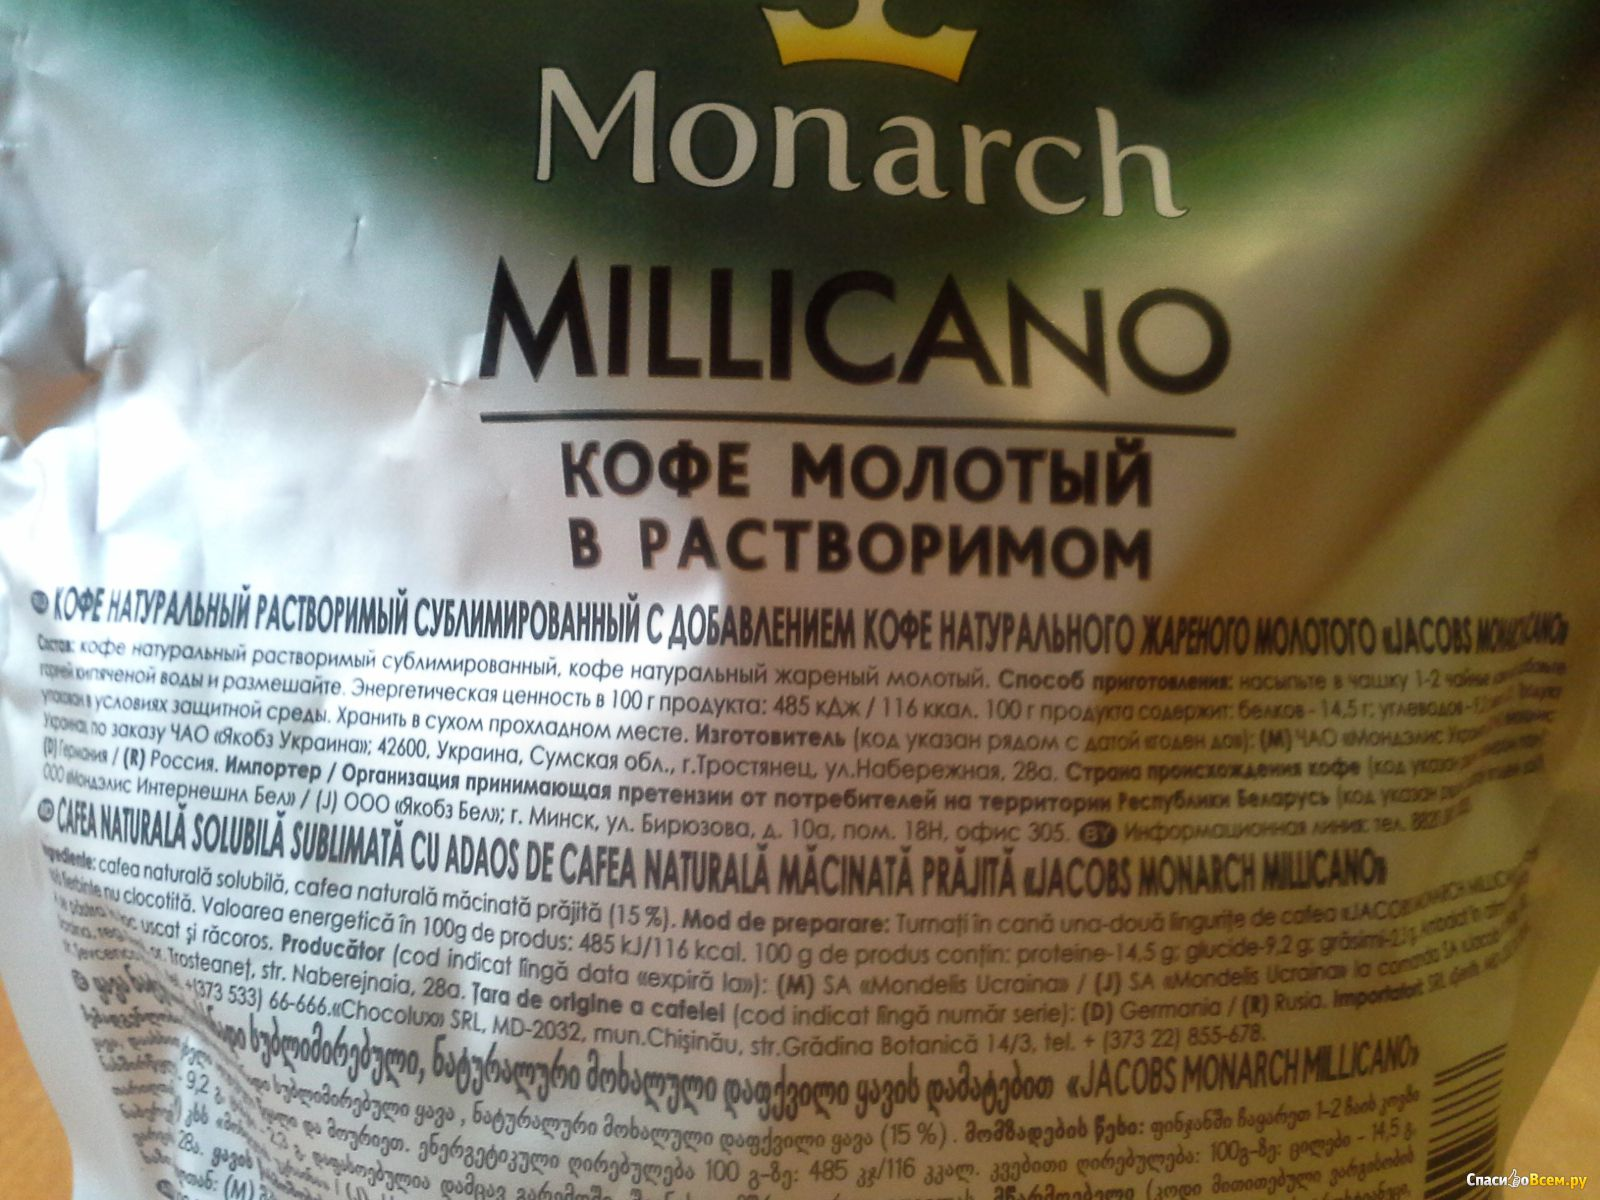 Калорийность кофе с сахаром и без, растворимого и натурального, сколько ккал в чашке